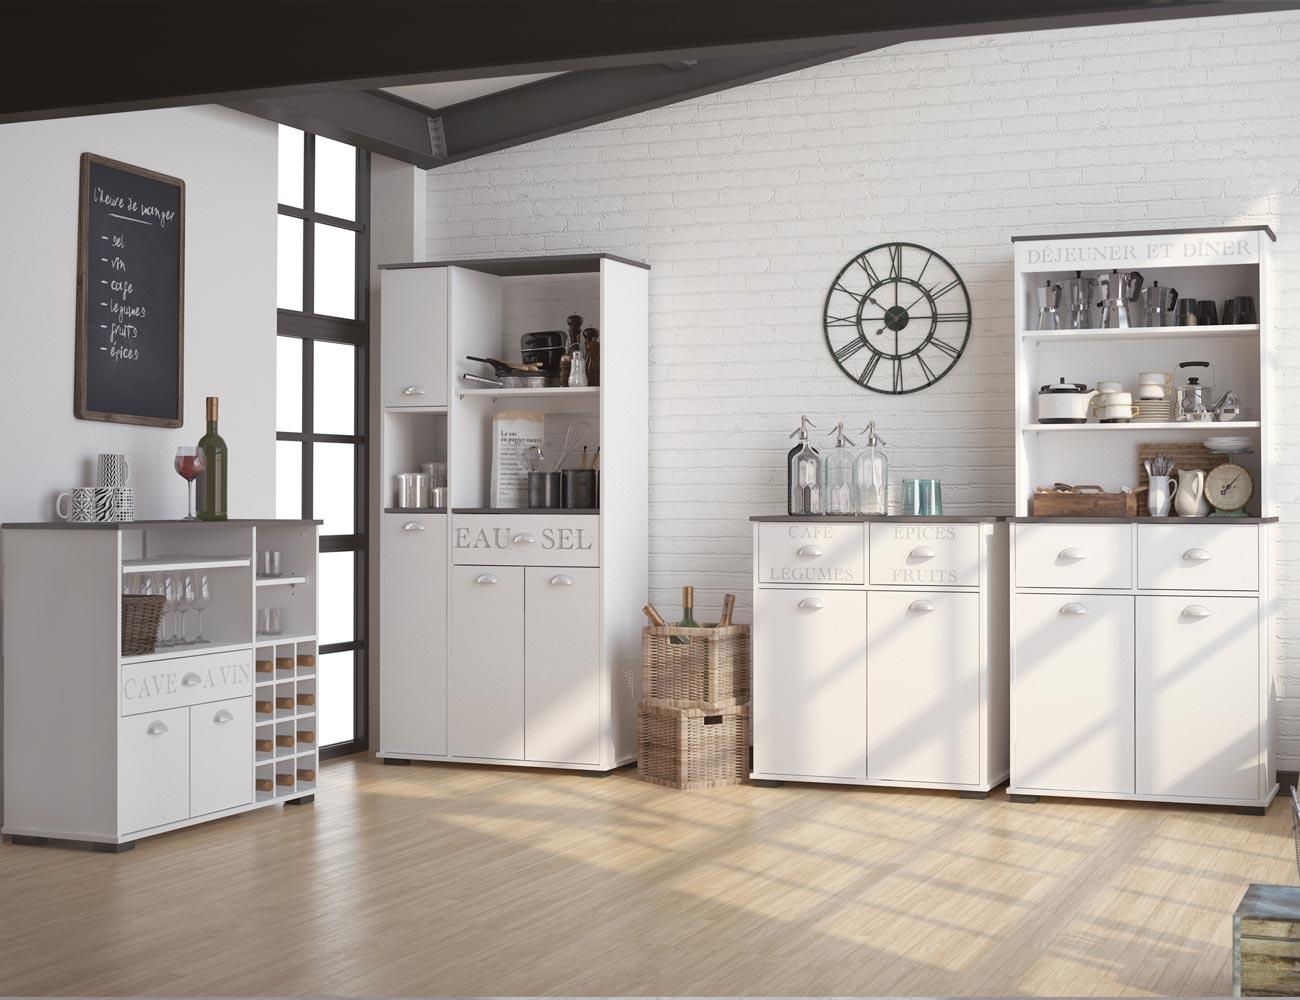 Mueble buffet de cocina de 180 cm de alto 3416 factory for Mueble alto cocina